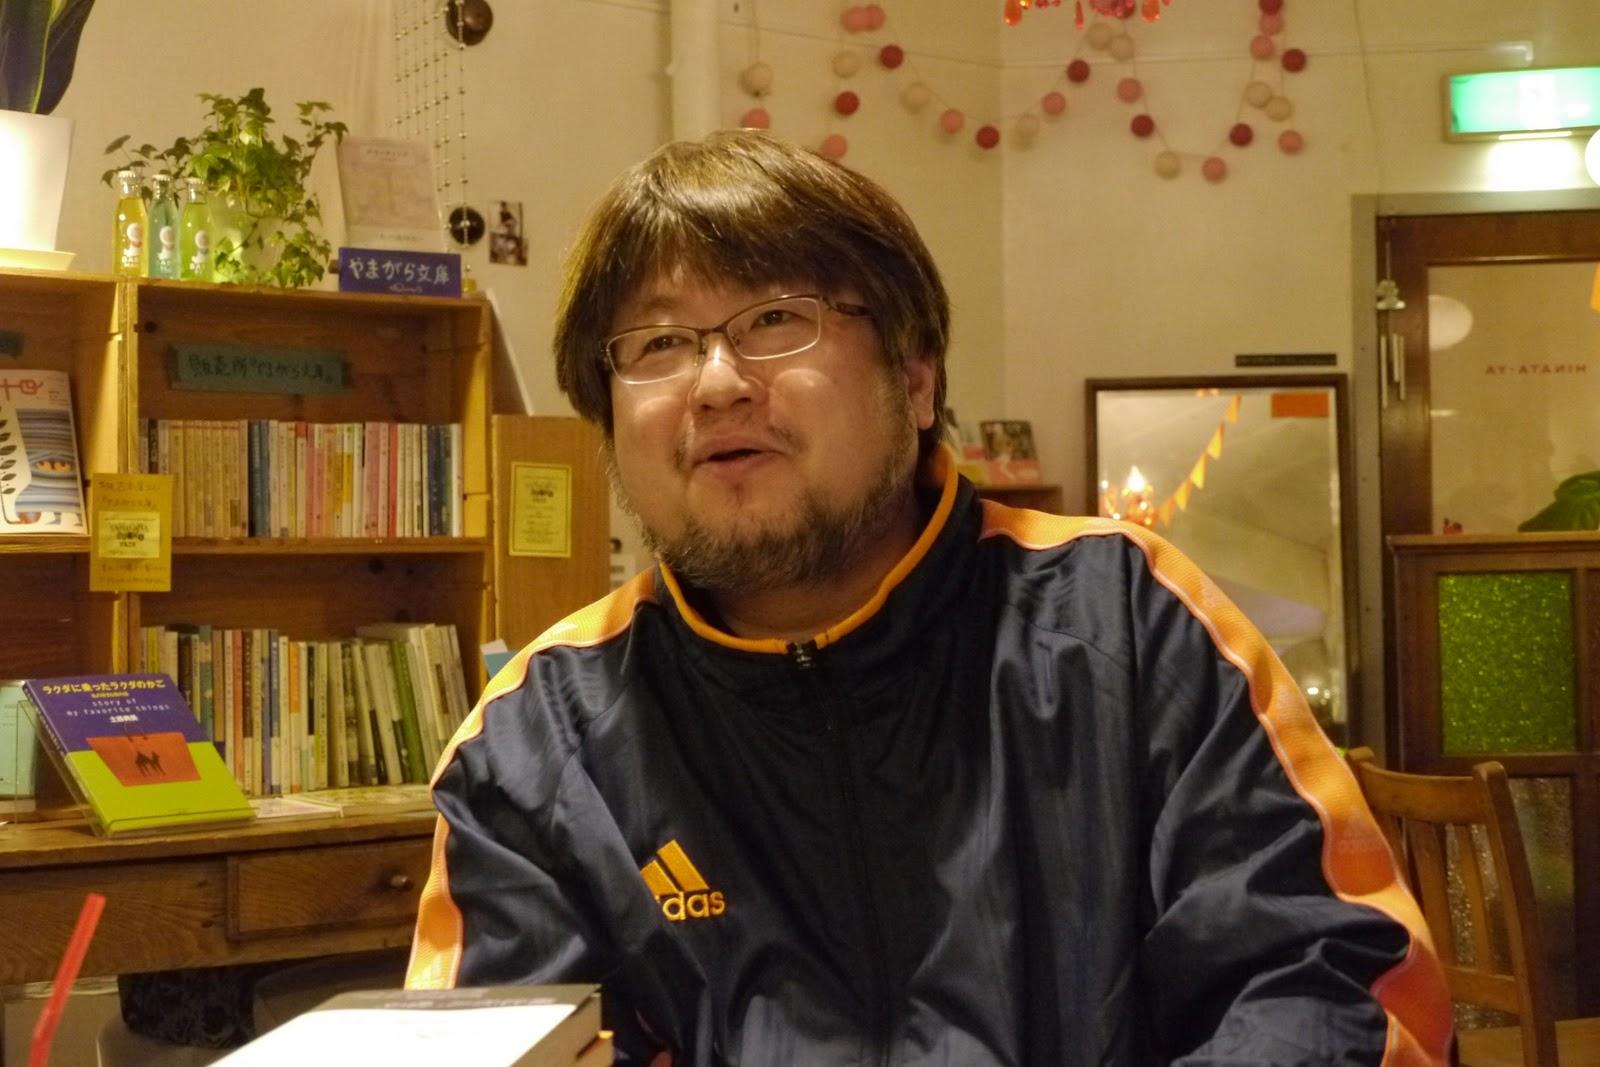 上遠野浩平 無料人名人物検索